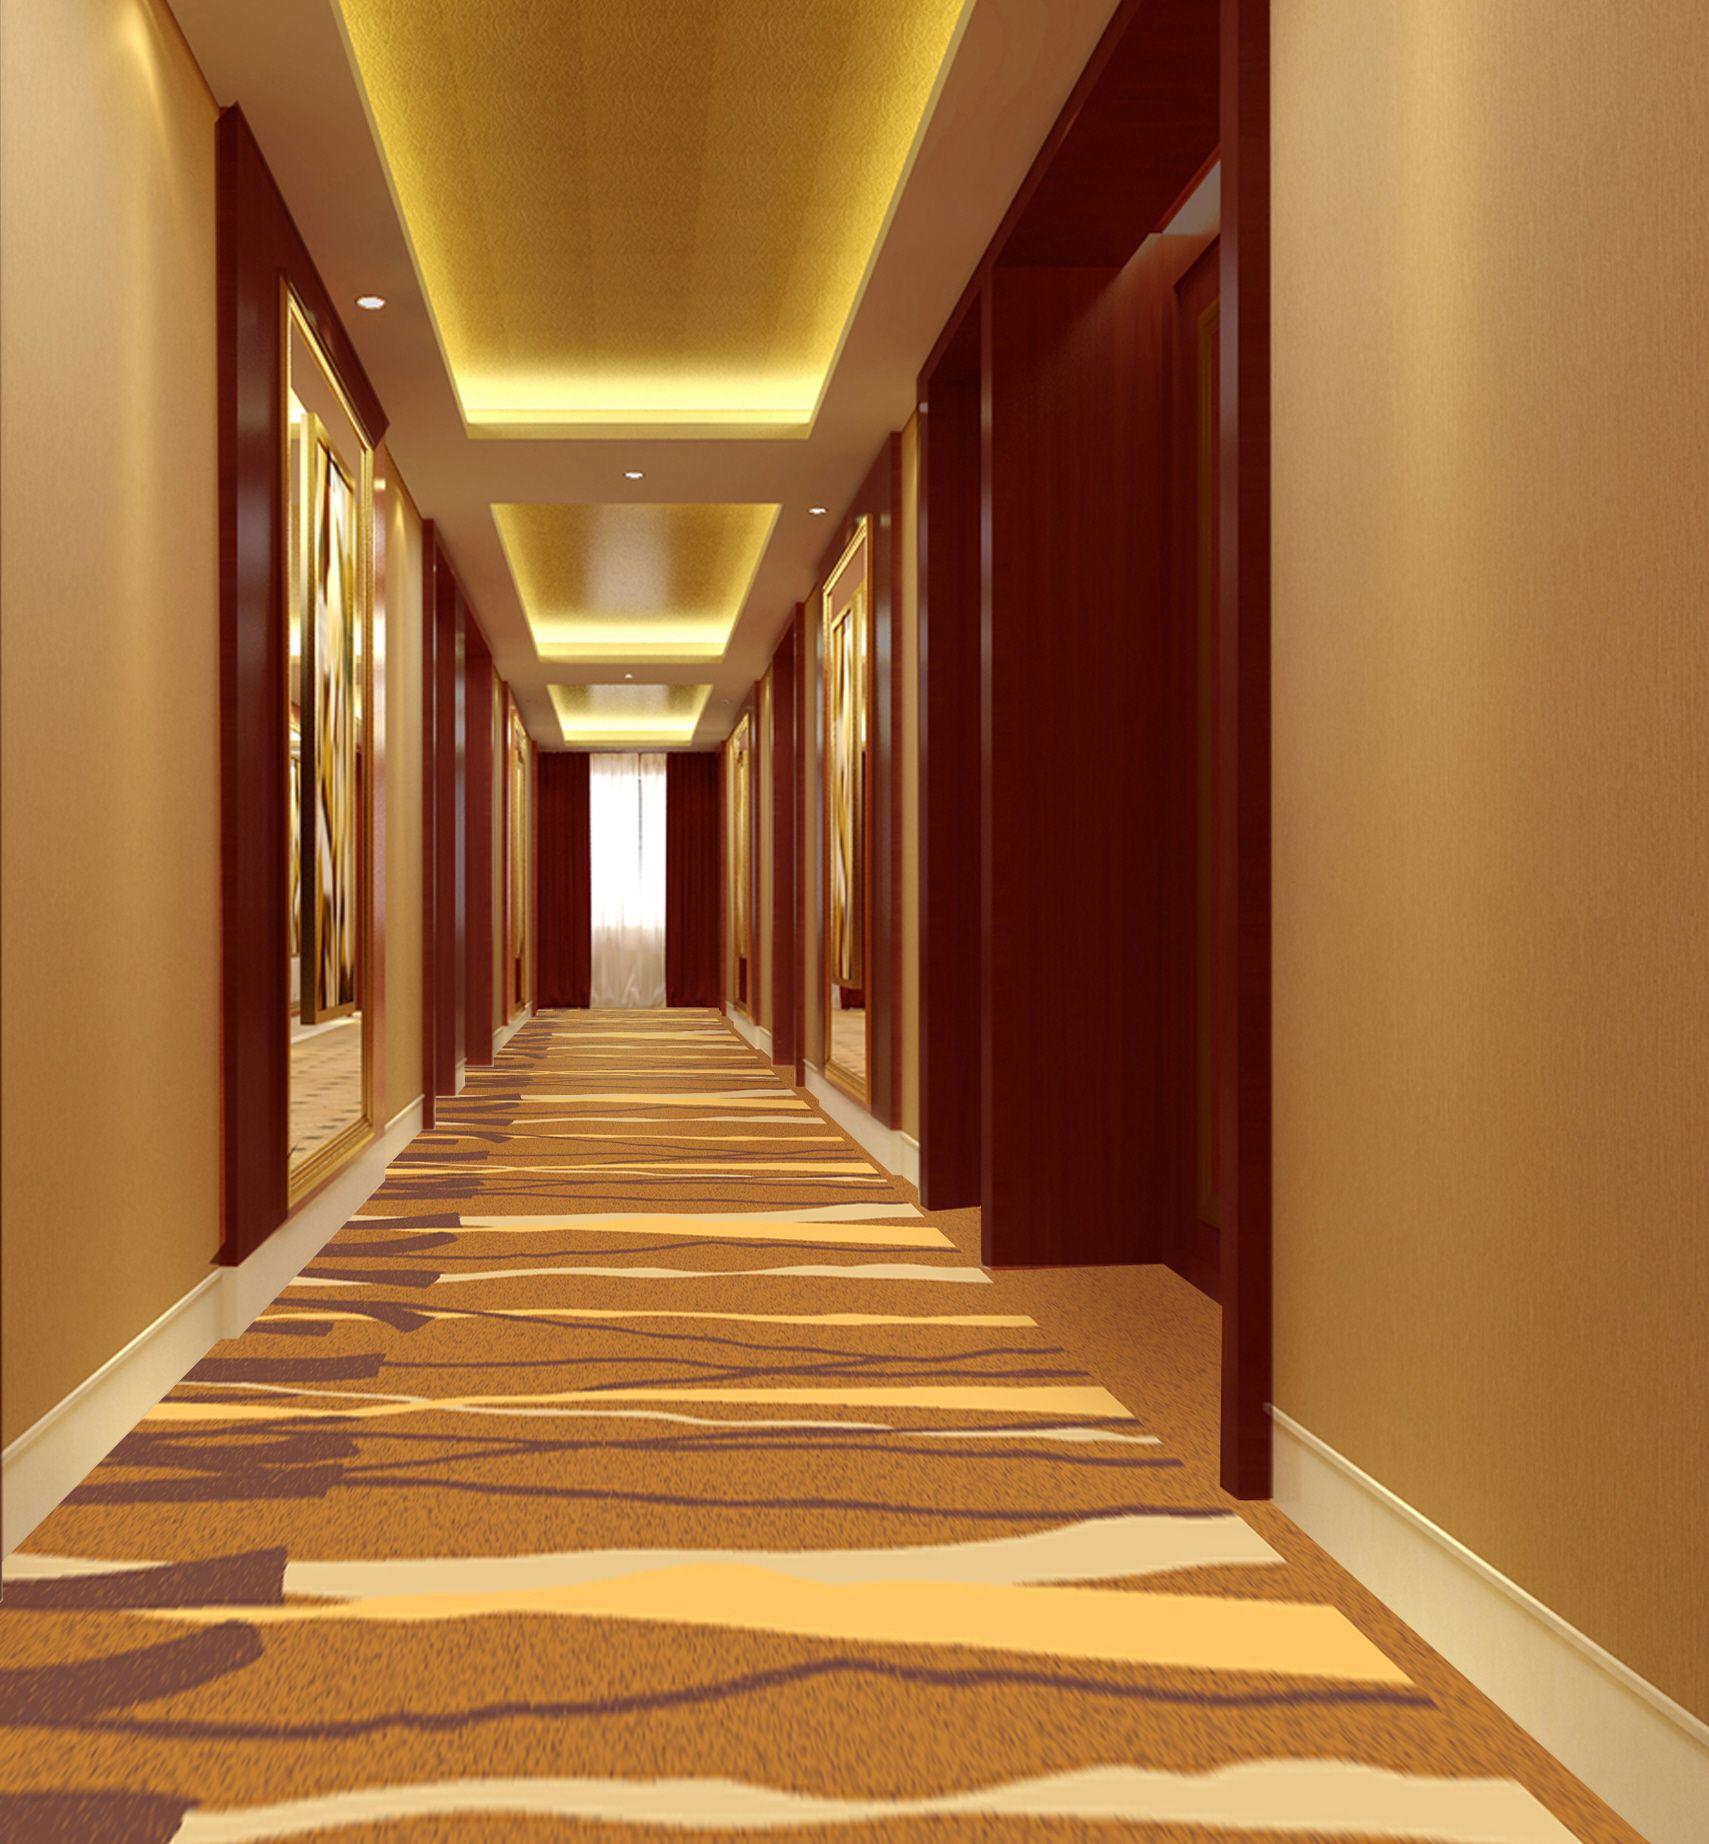 Corridor Design: Corridor Designing - Ghar360